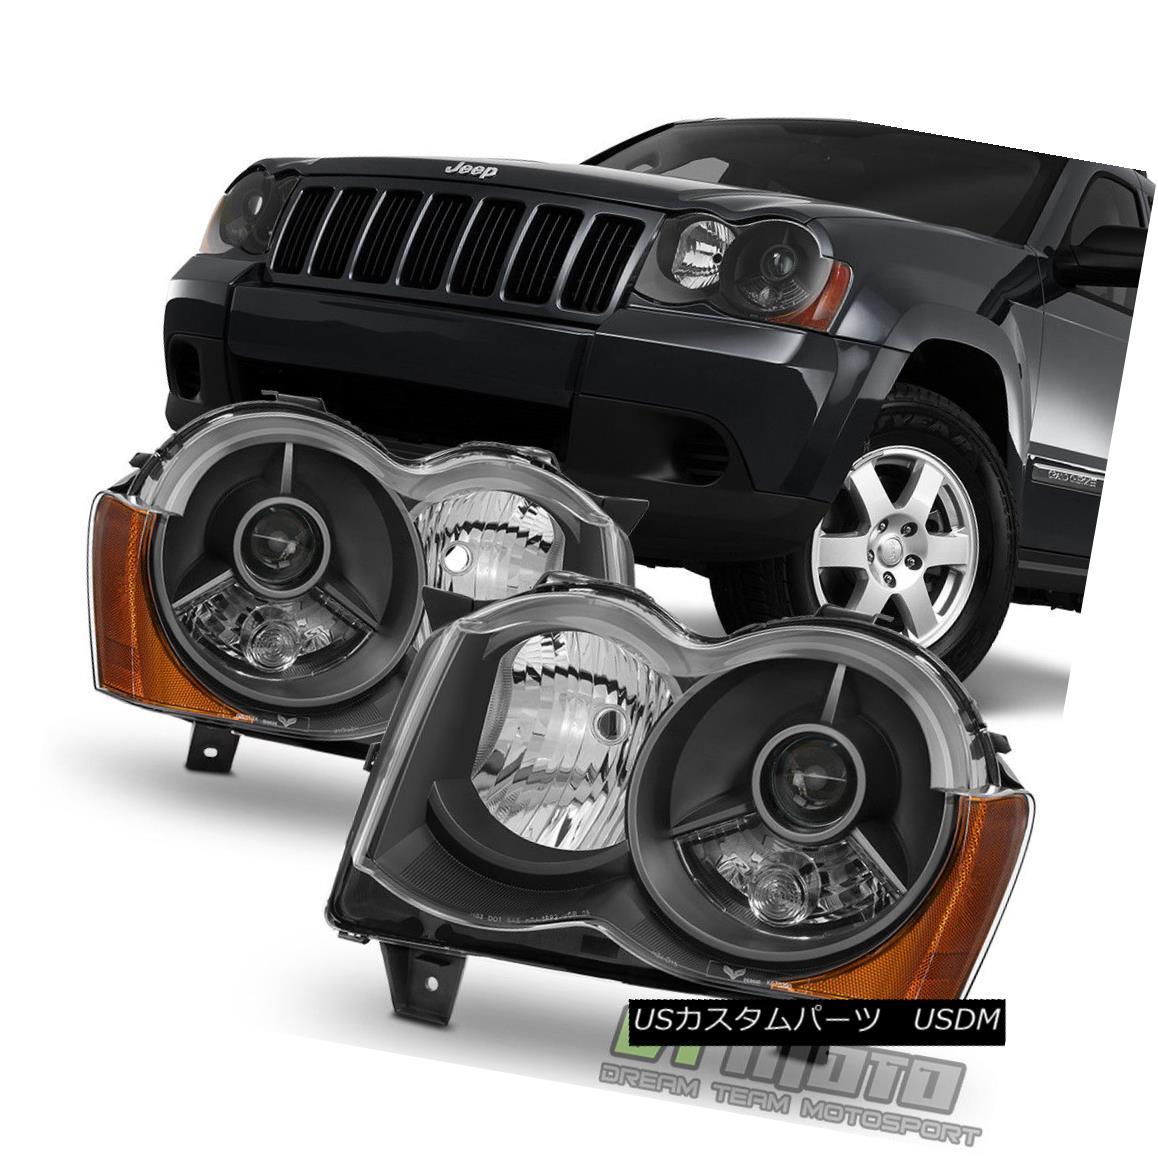 ヘッドライト Black 2008-2010 Jeep Grand Cherokee Projector Headlights 08-10 Halogen Fit only ブラック2008-2010ジープグランドチェロキープロジェクターヘッドライト08-10ハロゲンフィットのみ